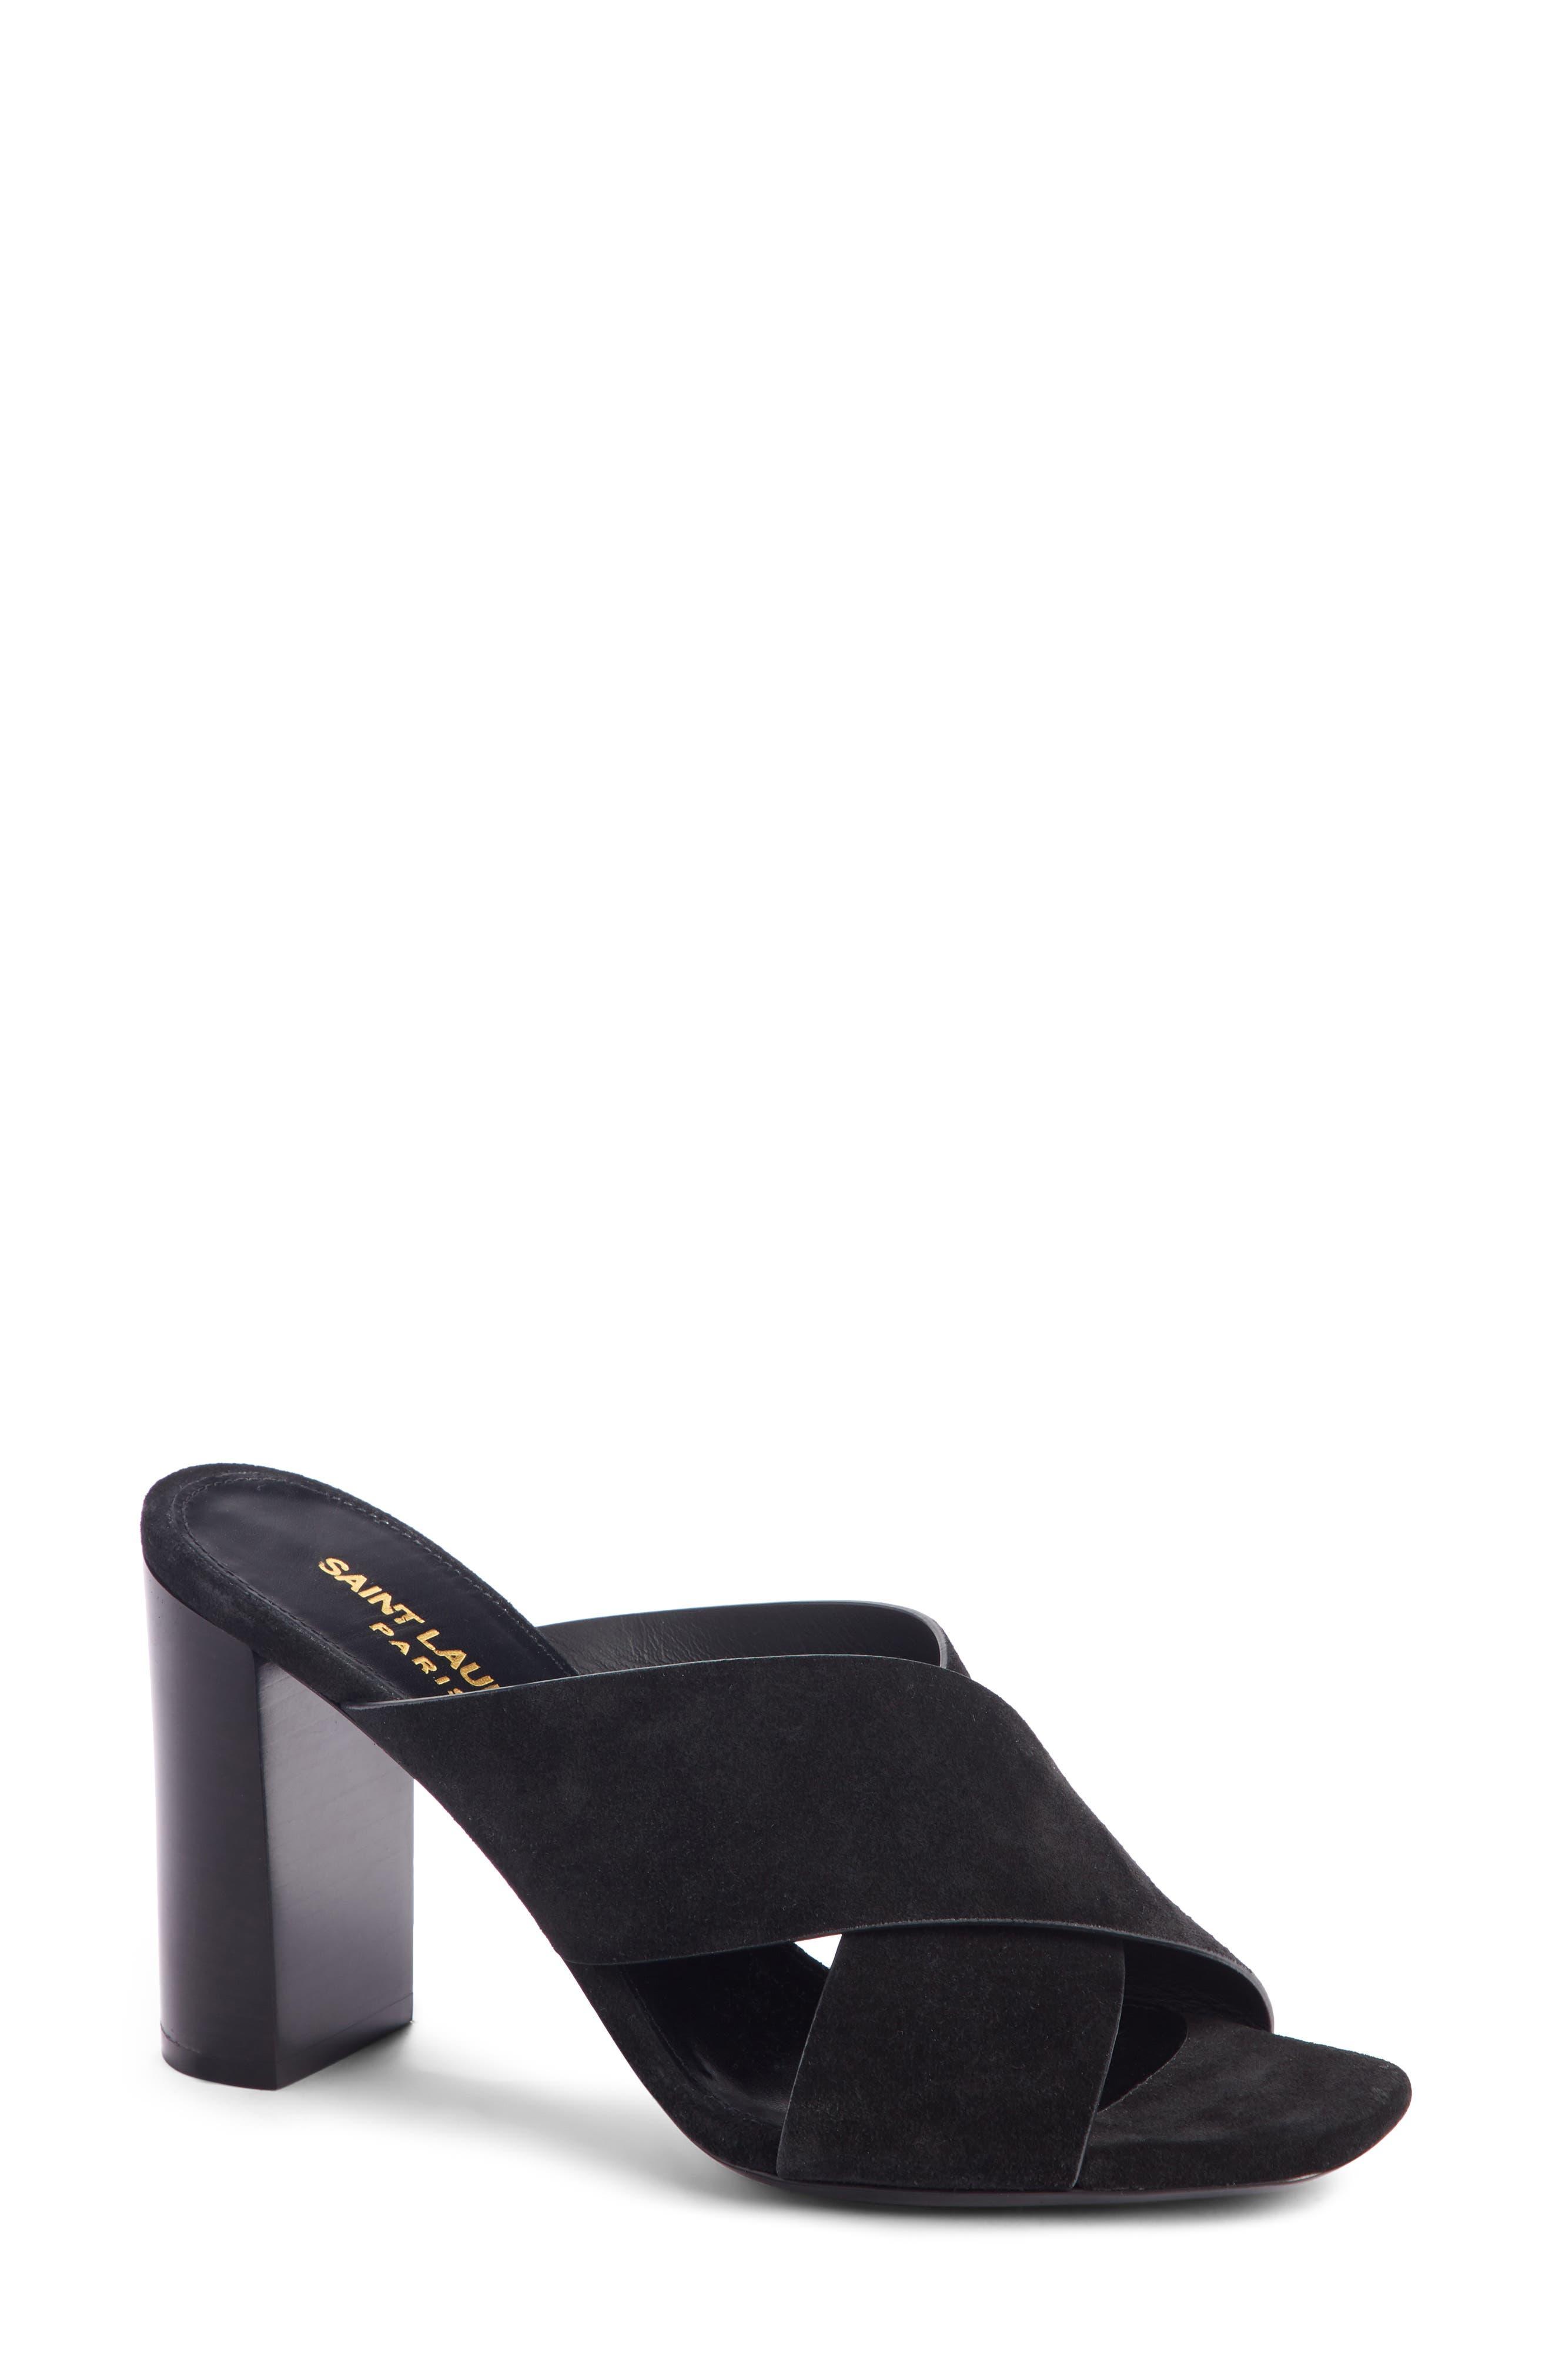 Women S Saint Laurent Sandals